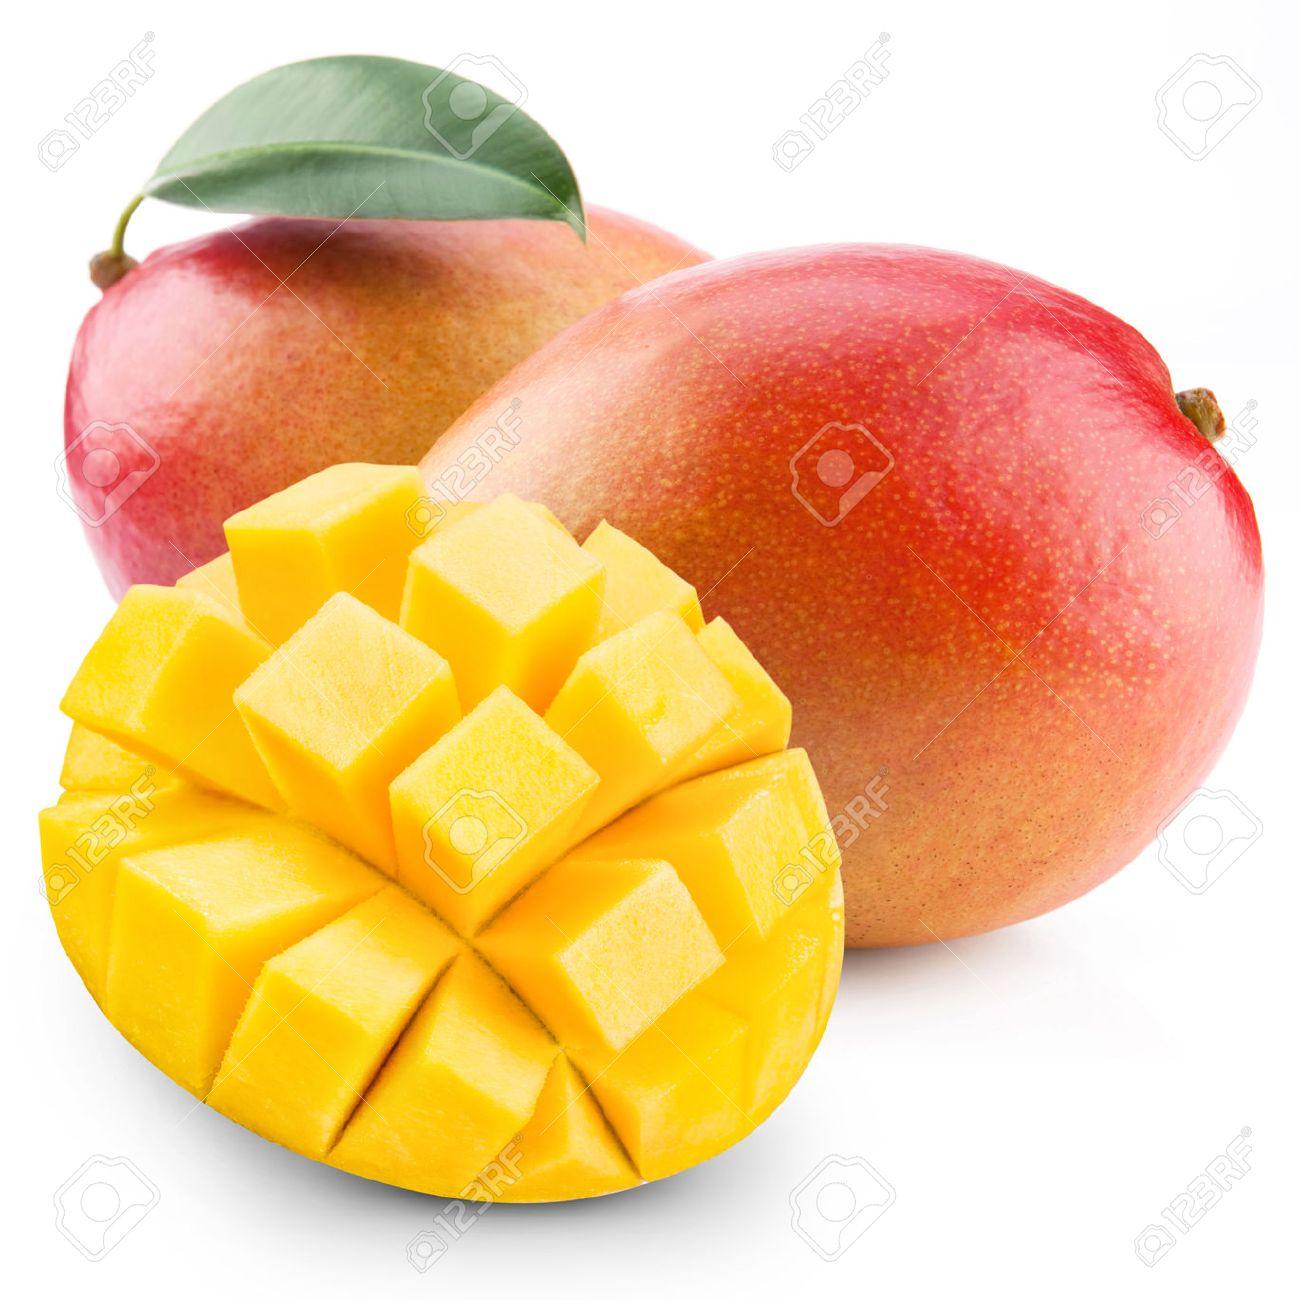 Mango Fruit Images & Stock Pictures. Royalty Free Mango Fruit ...